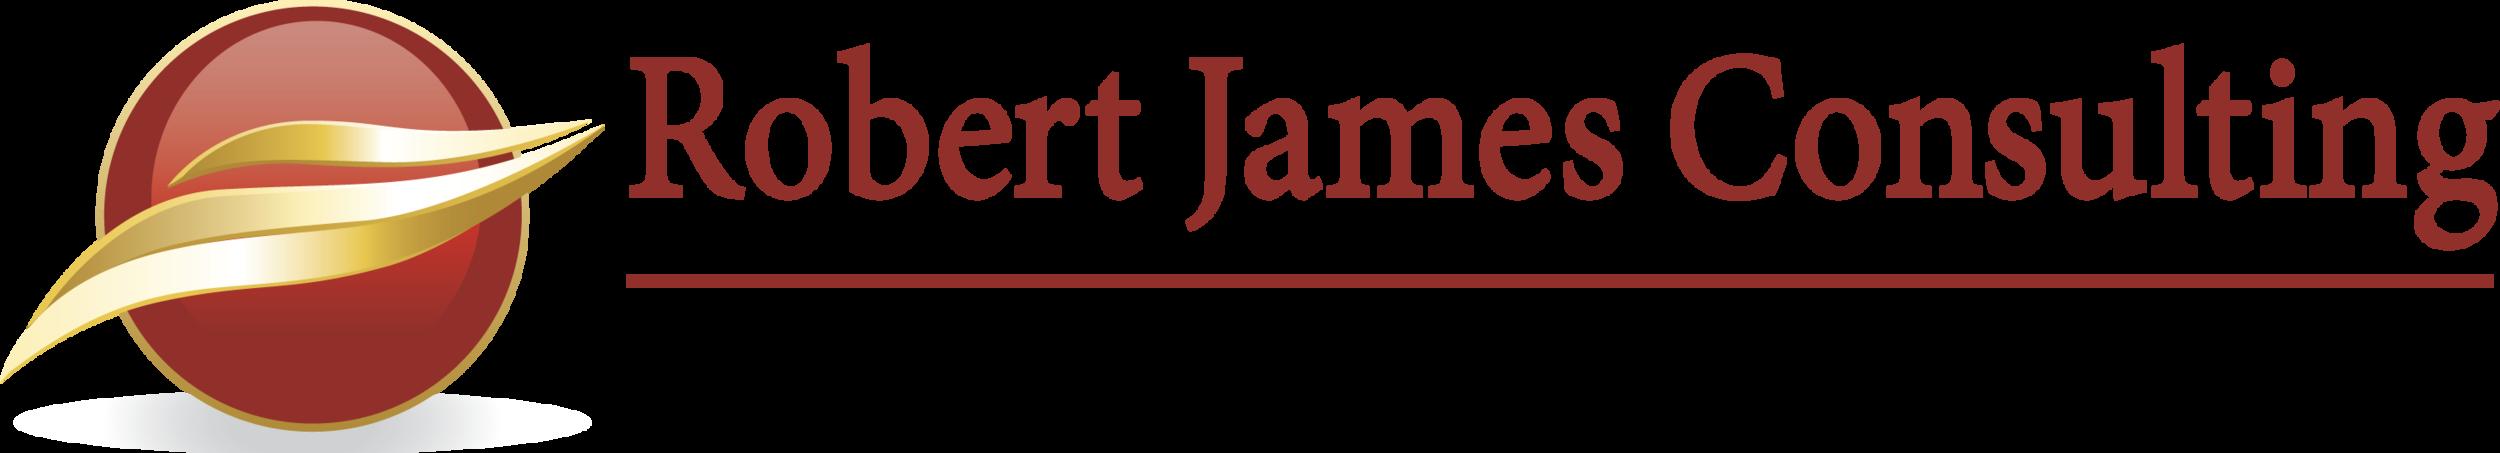 R.James_logo_full.png